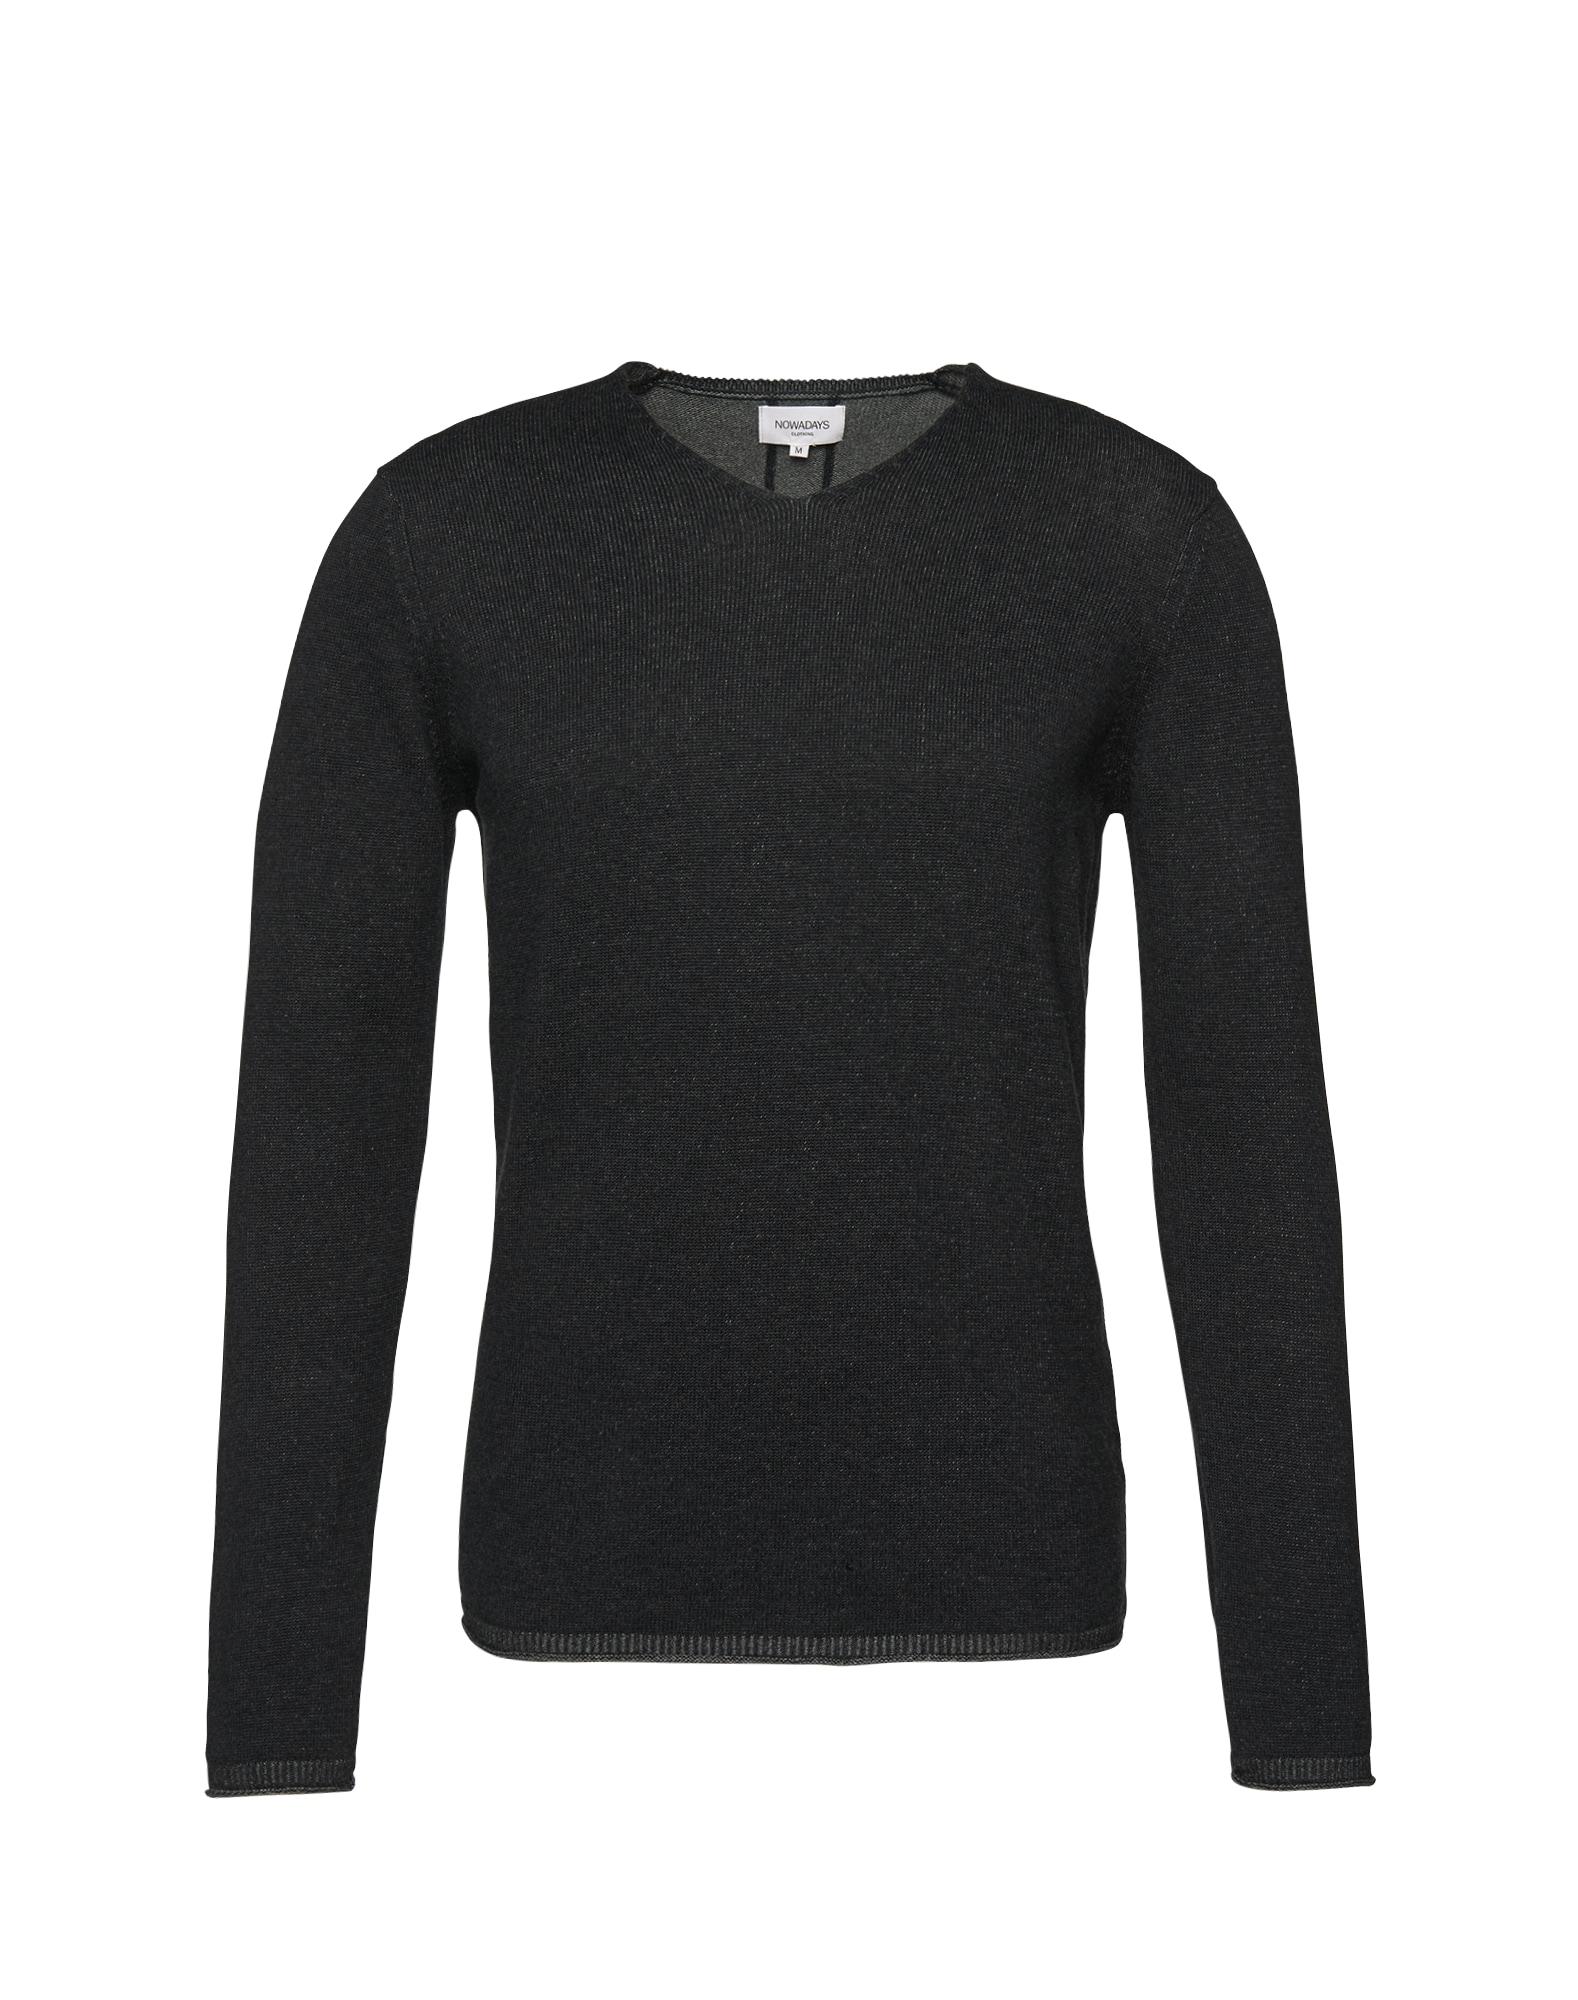 Svetr plated Pullover 9gg černá NOWADAYS